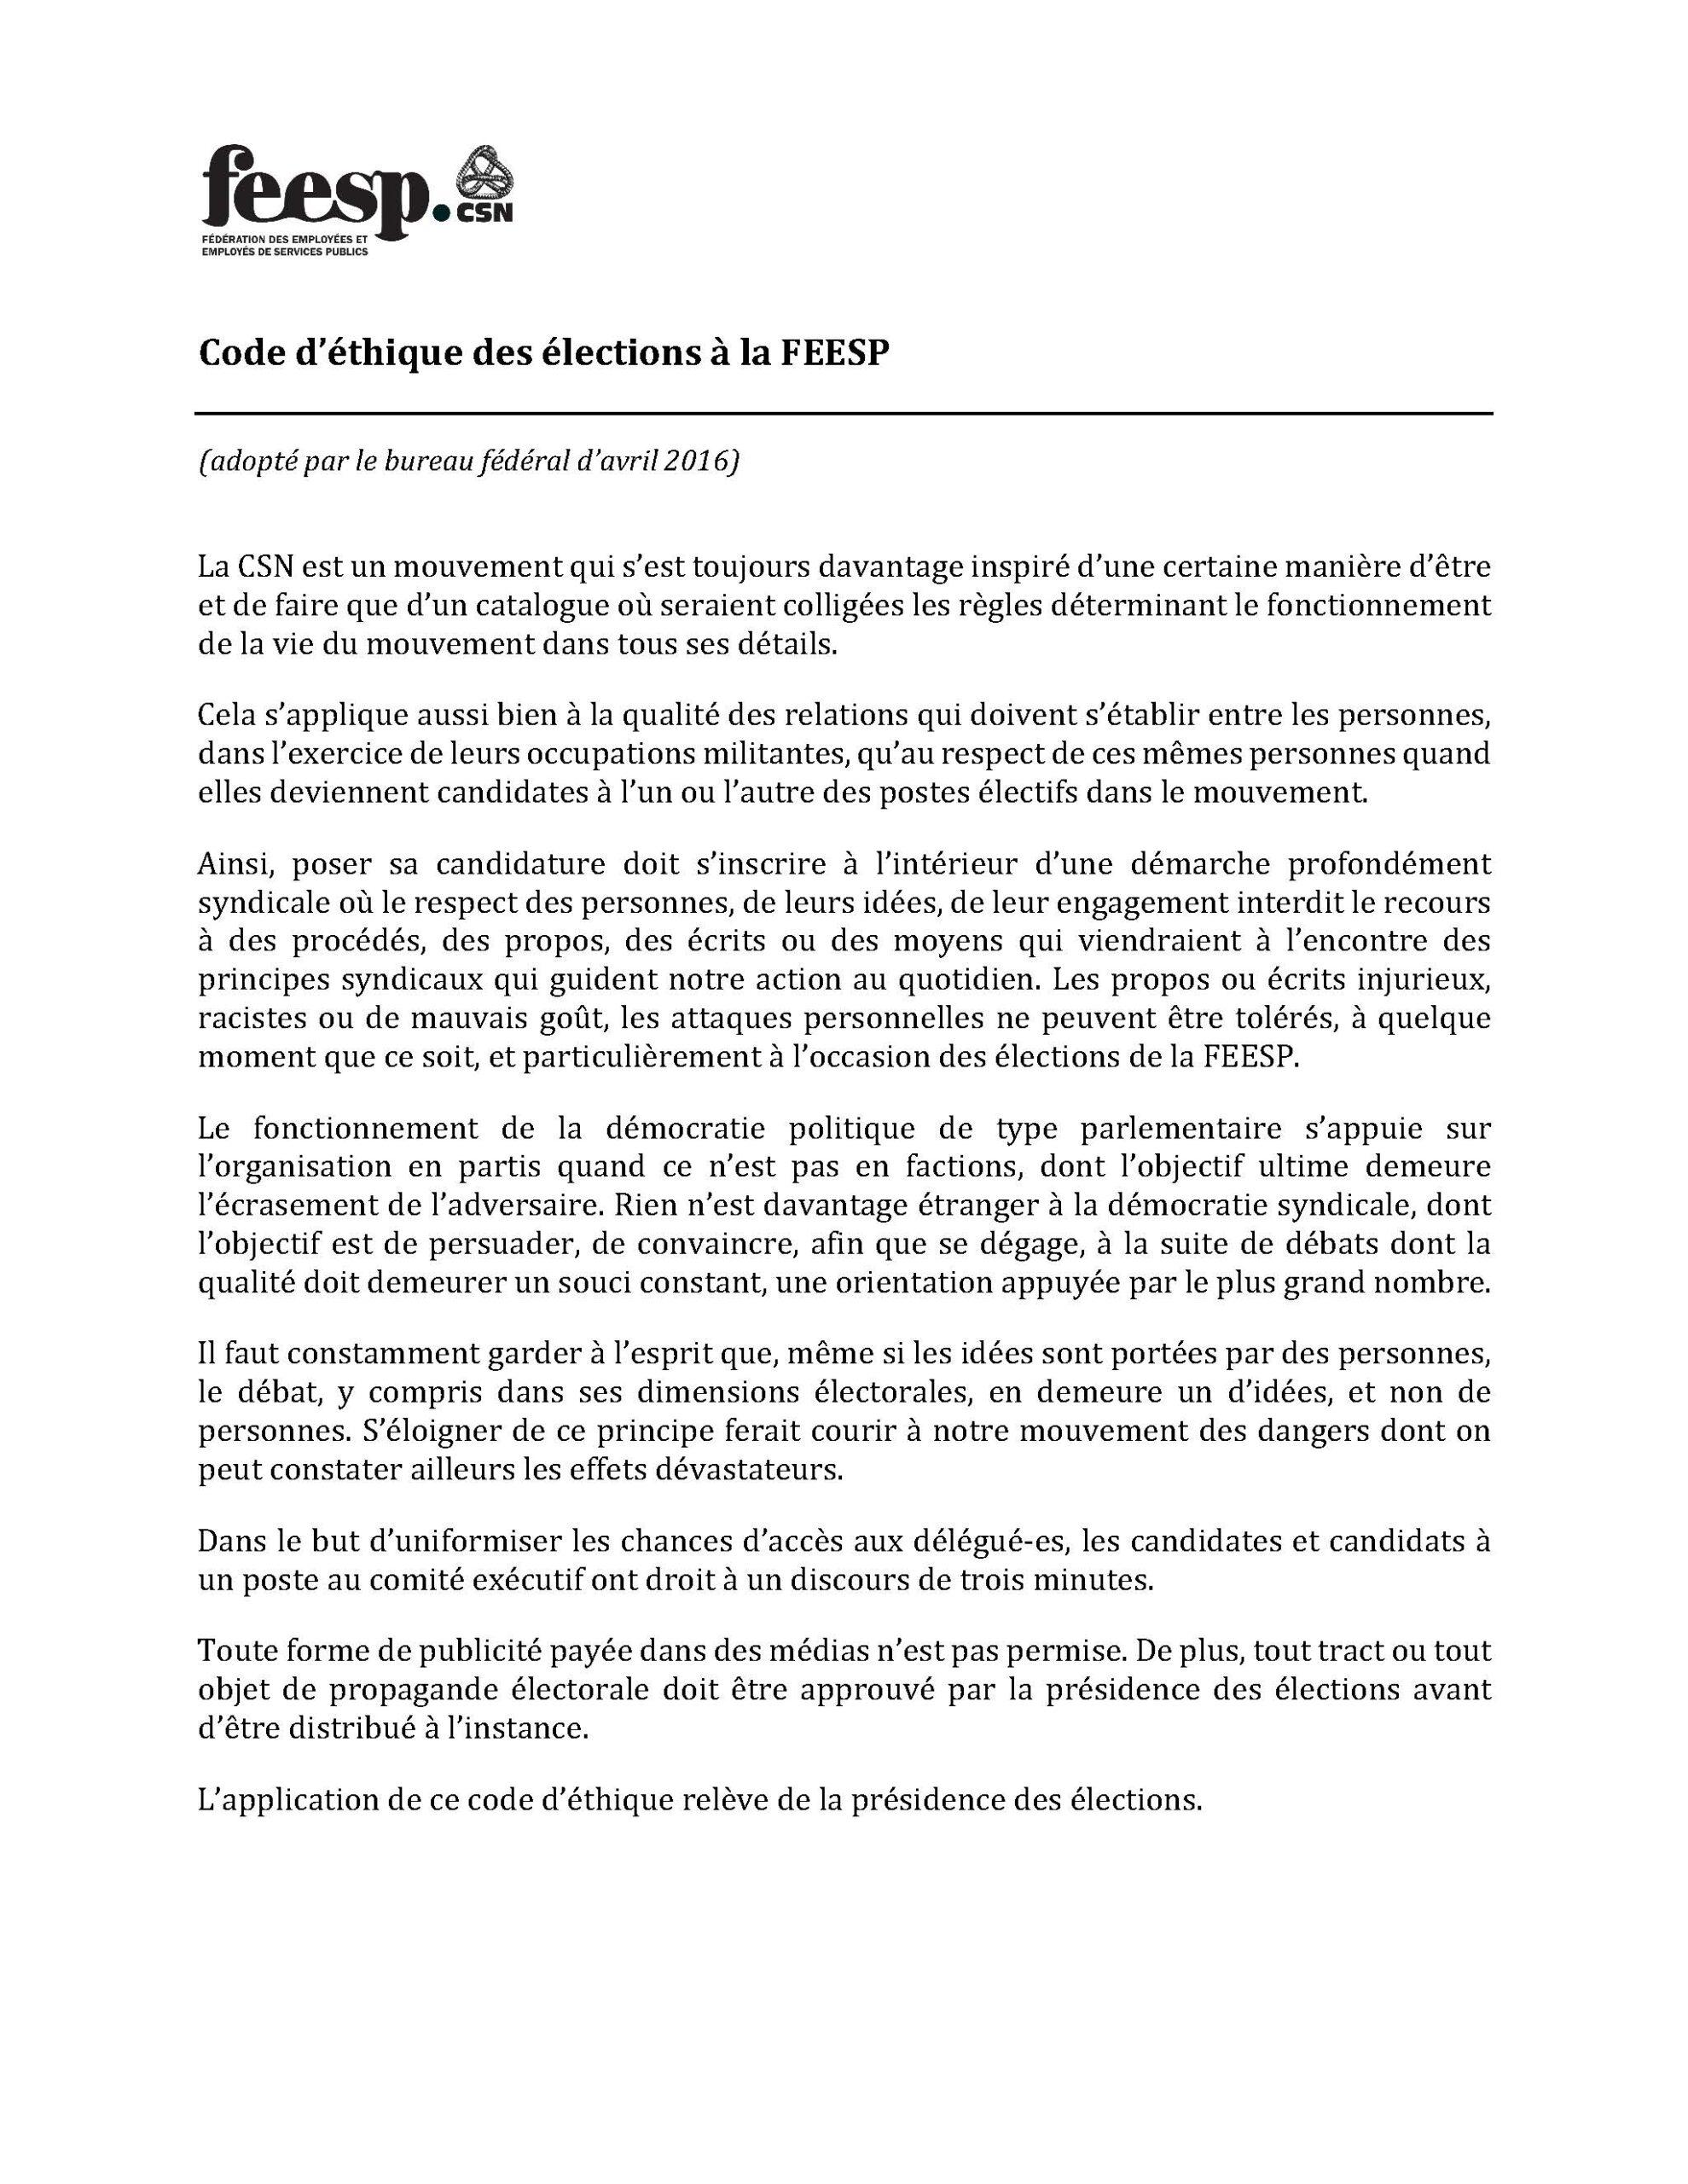 Code d'éthique des élections FEESP